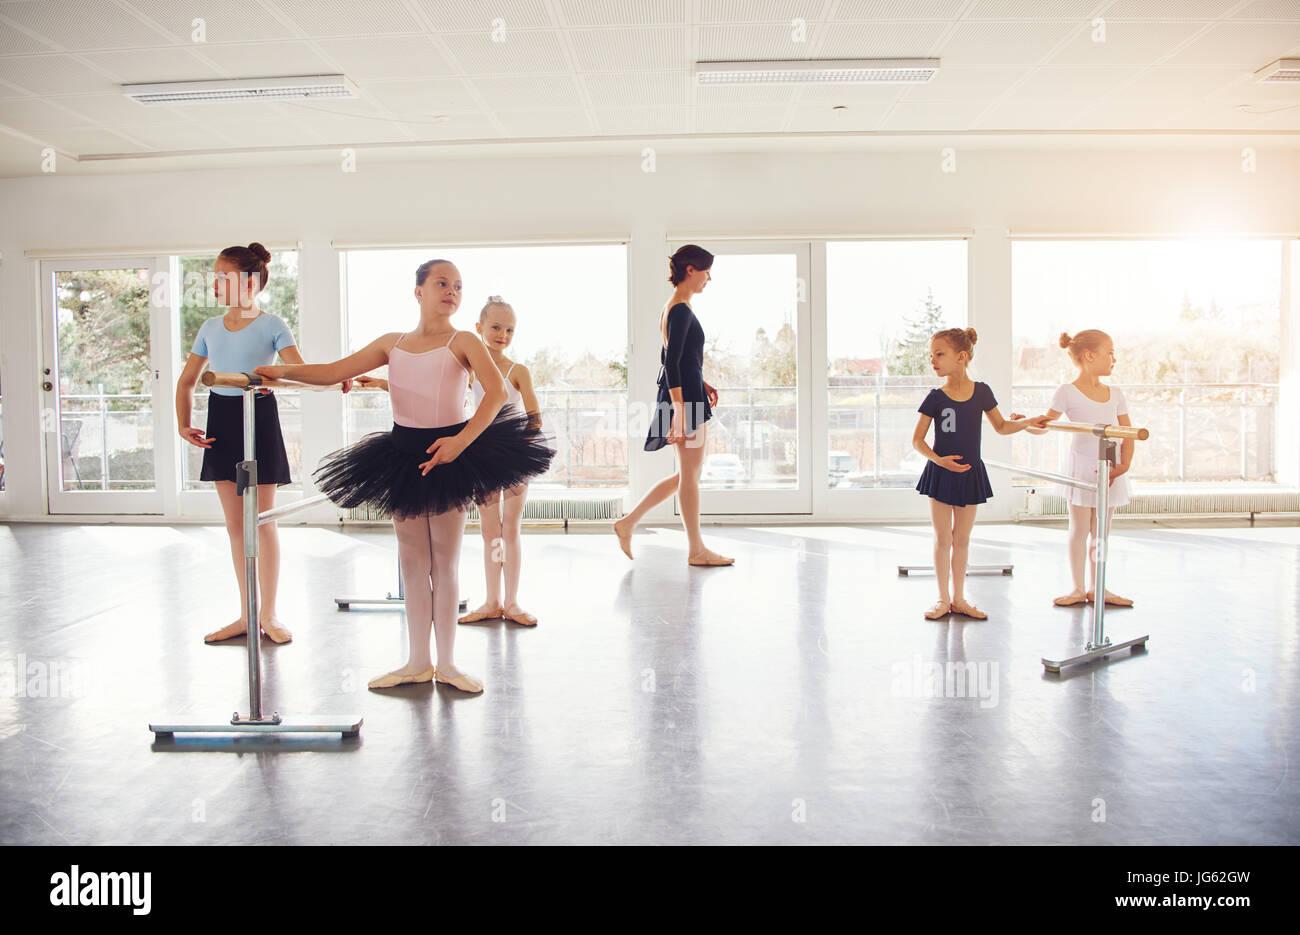 Le giovani ragazze esecuzione di balletto e permanente di esercitare nella classe di balletto. Immagini Stock